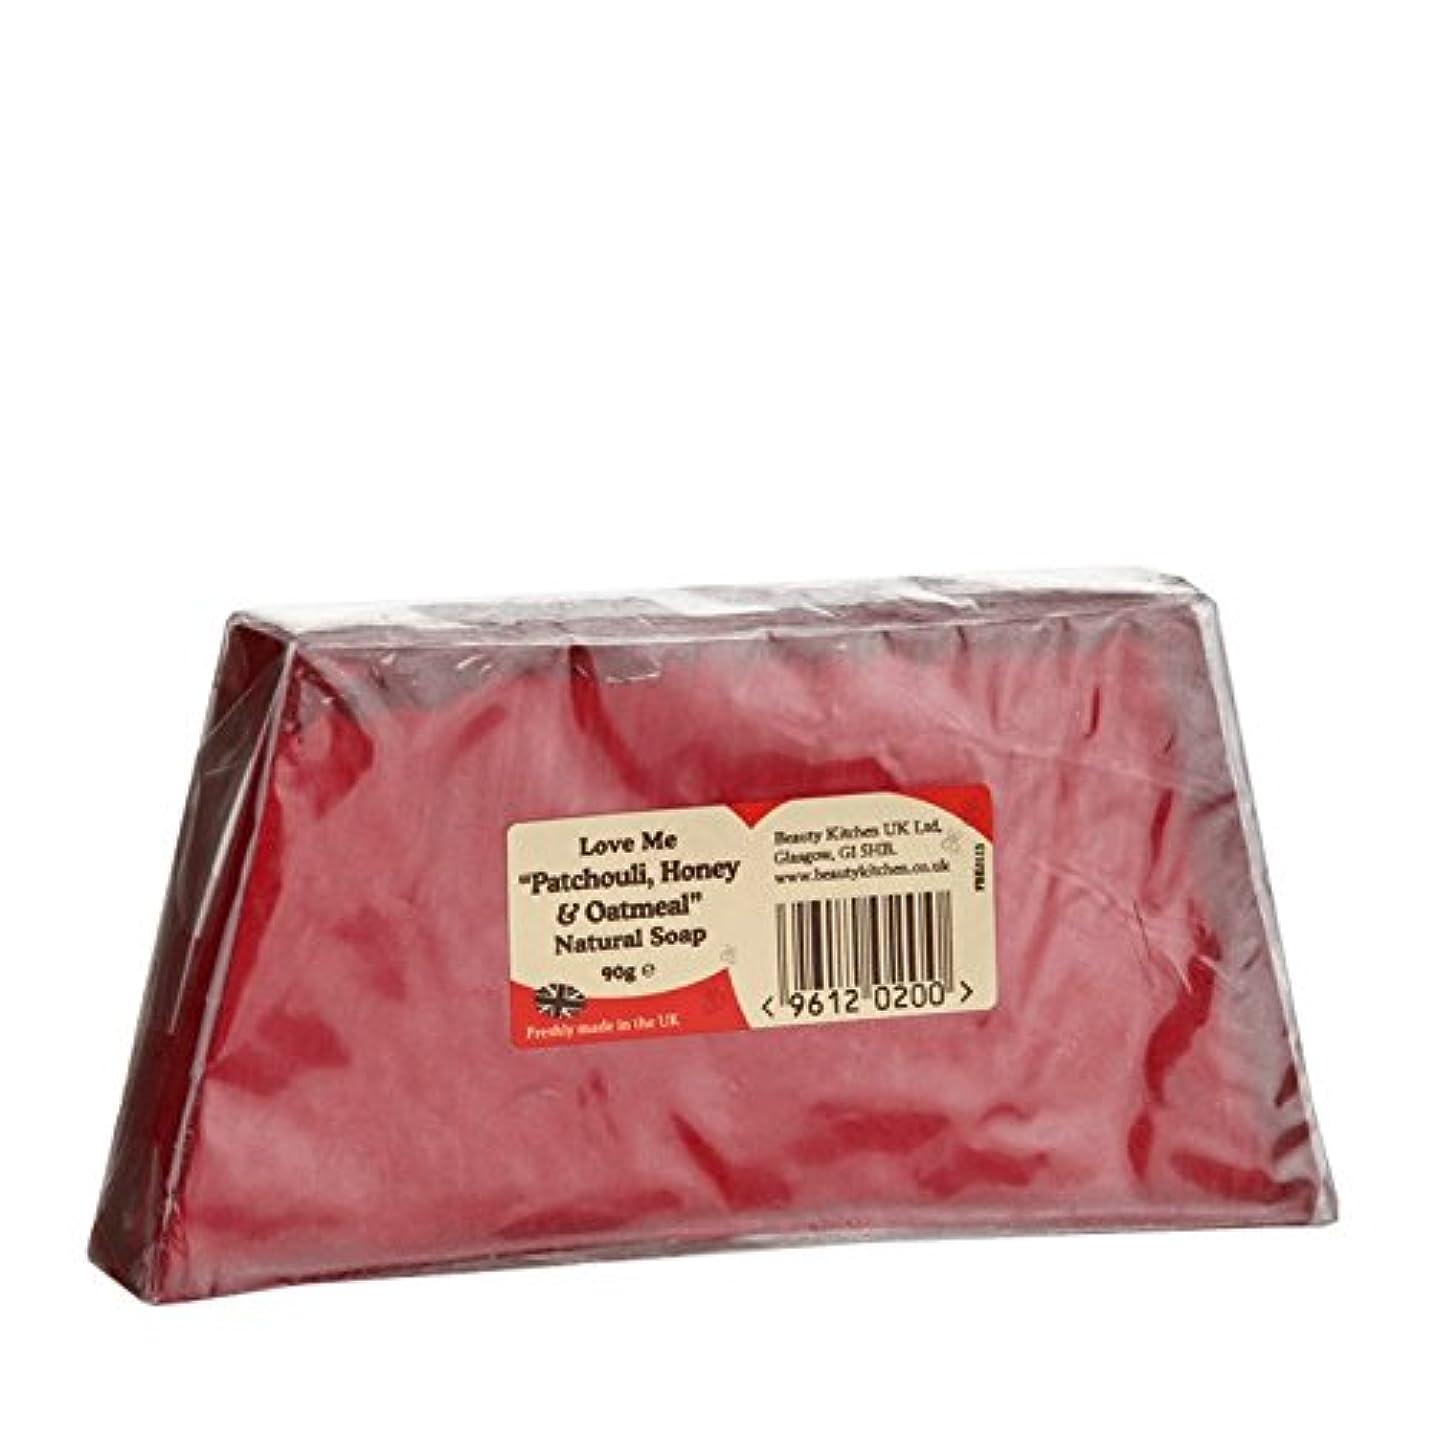 扱いやすい謙虚な腹痛Beauty Kitchen Love Me Patchouli, Honey & Oatmeal Natural Soap 90g (Pack of 6) - 美しさのキッチンは私にパチョリ、ハニー&オートミール、天然石鹸...